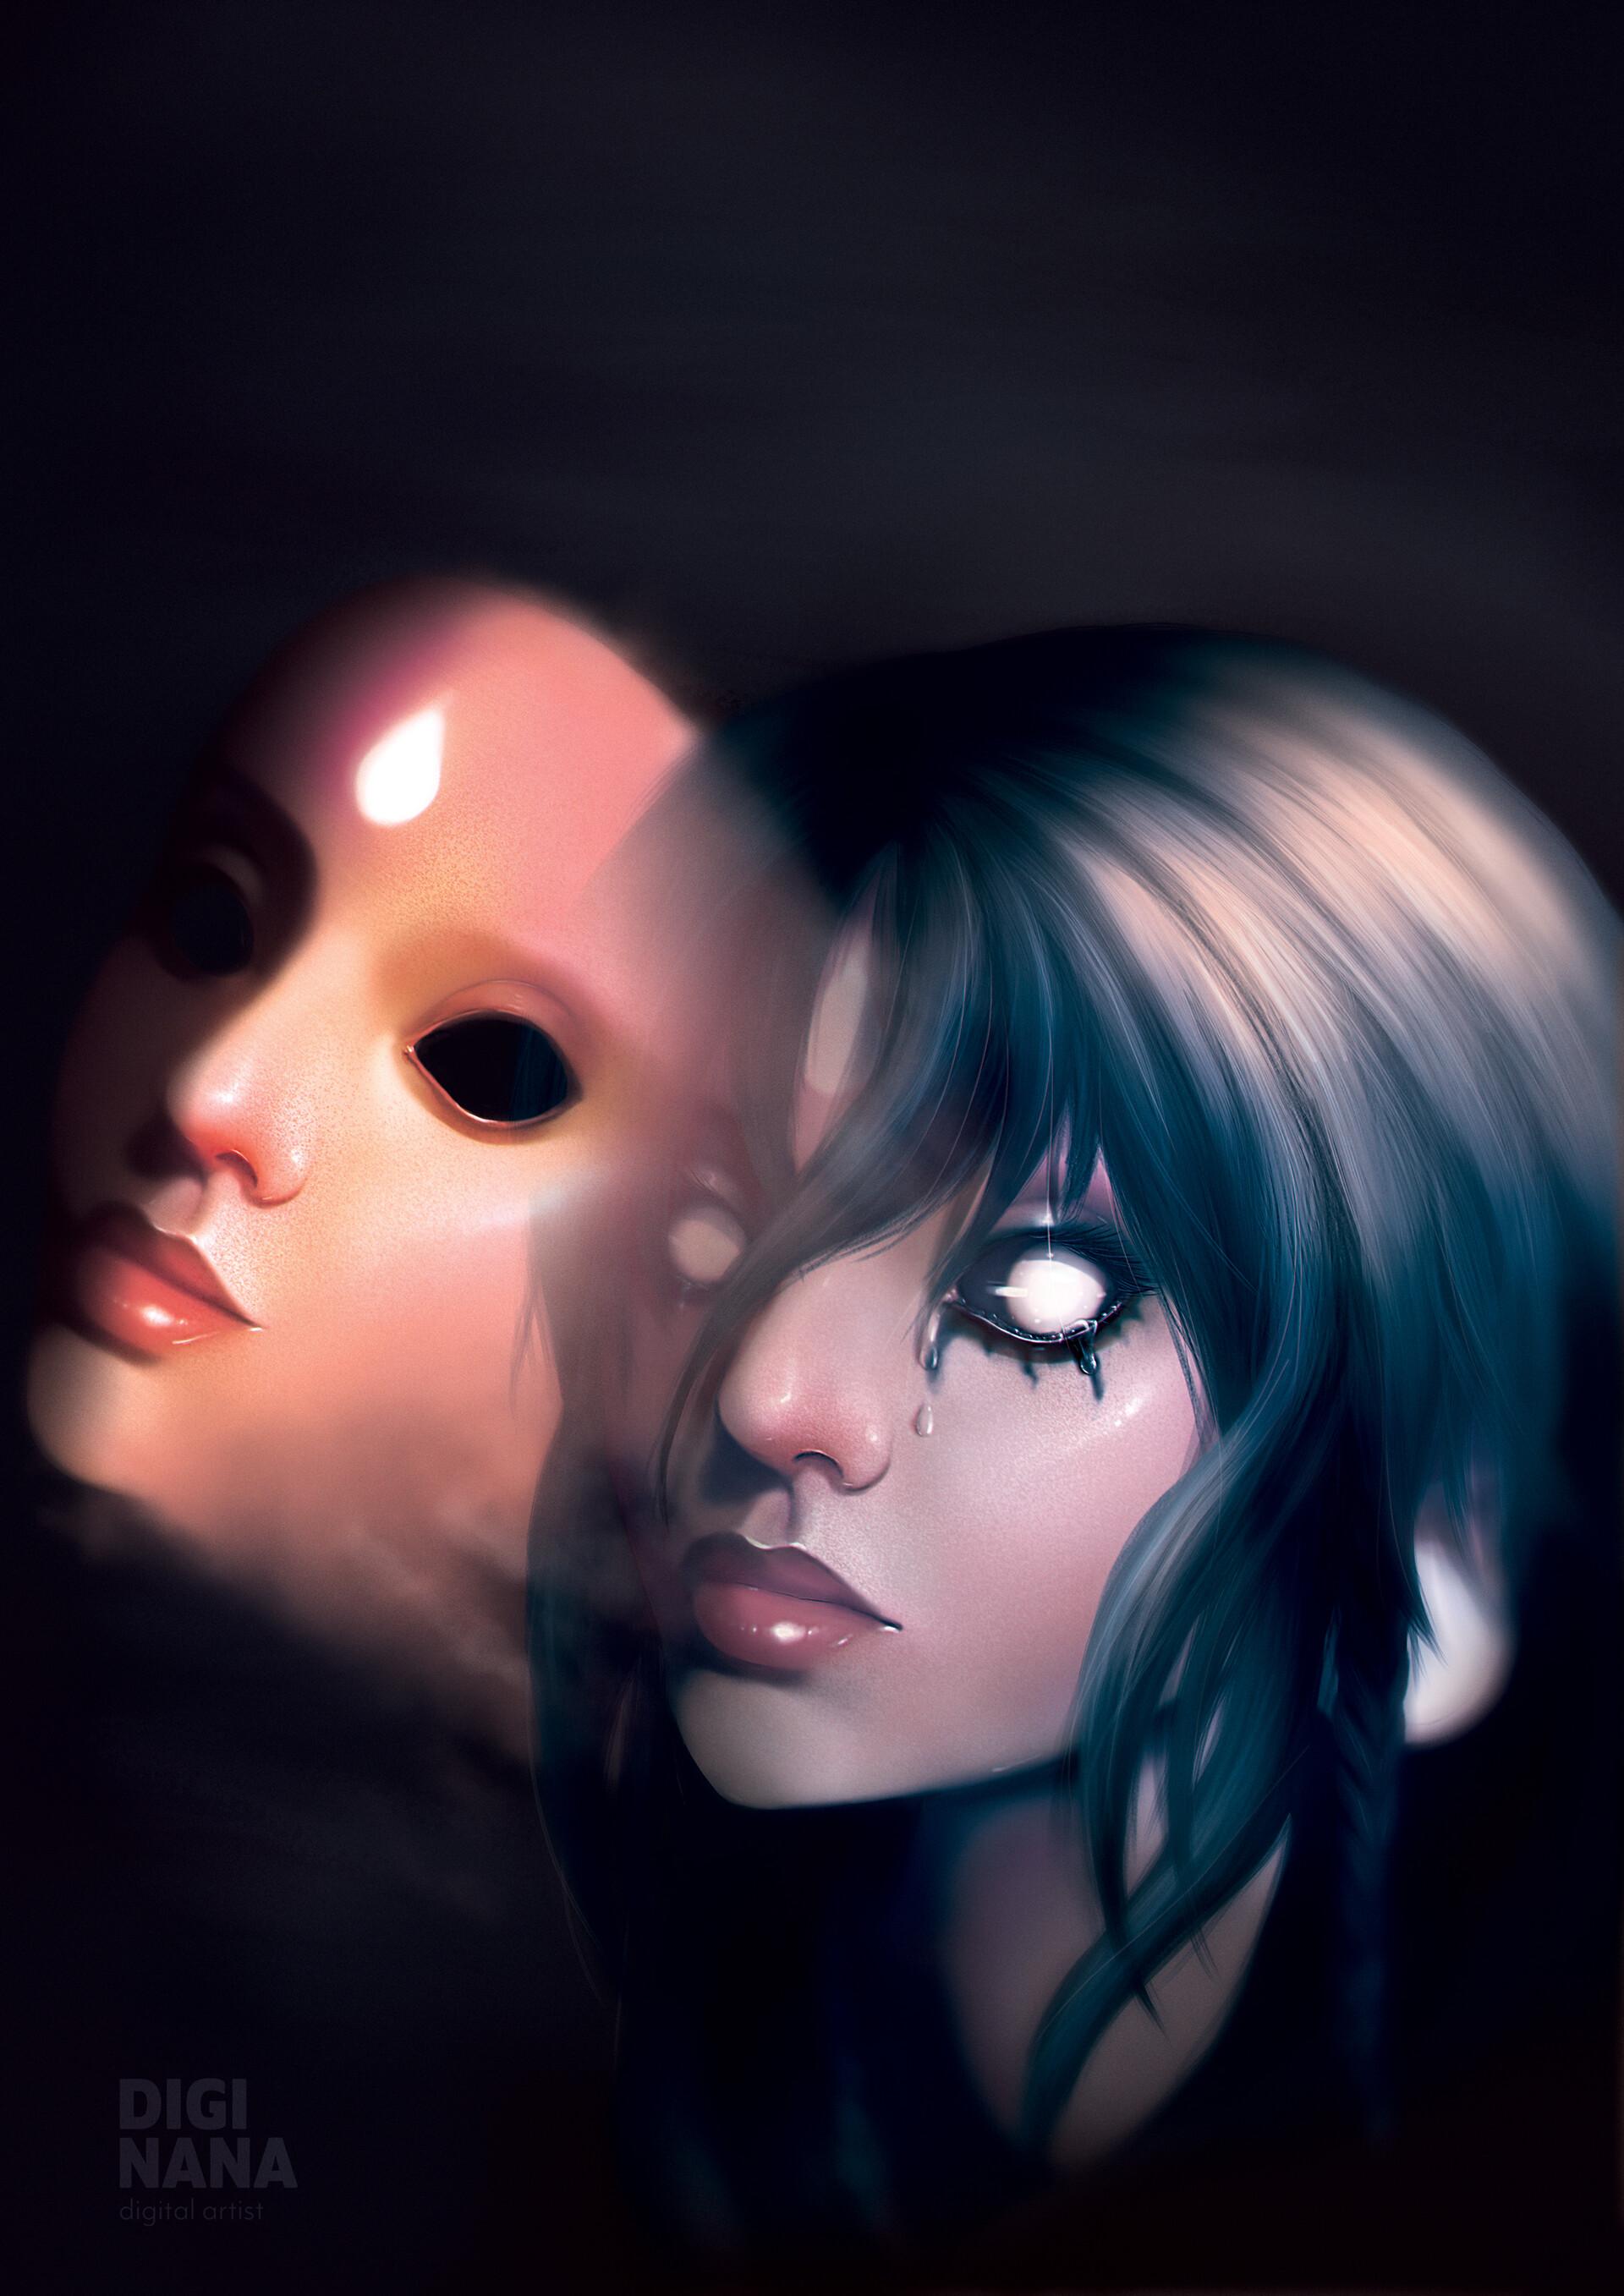 Digi nana mask